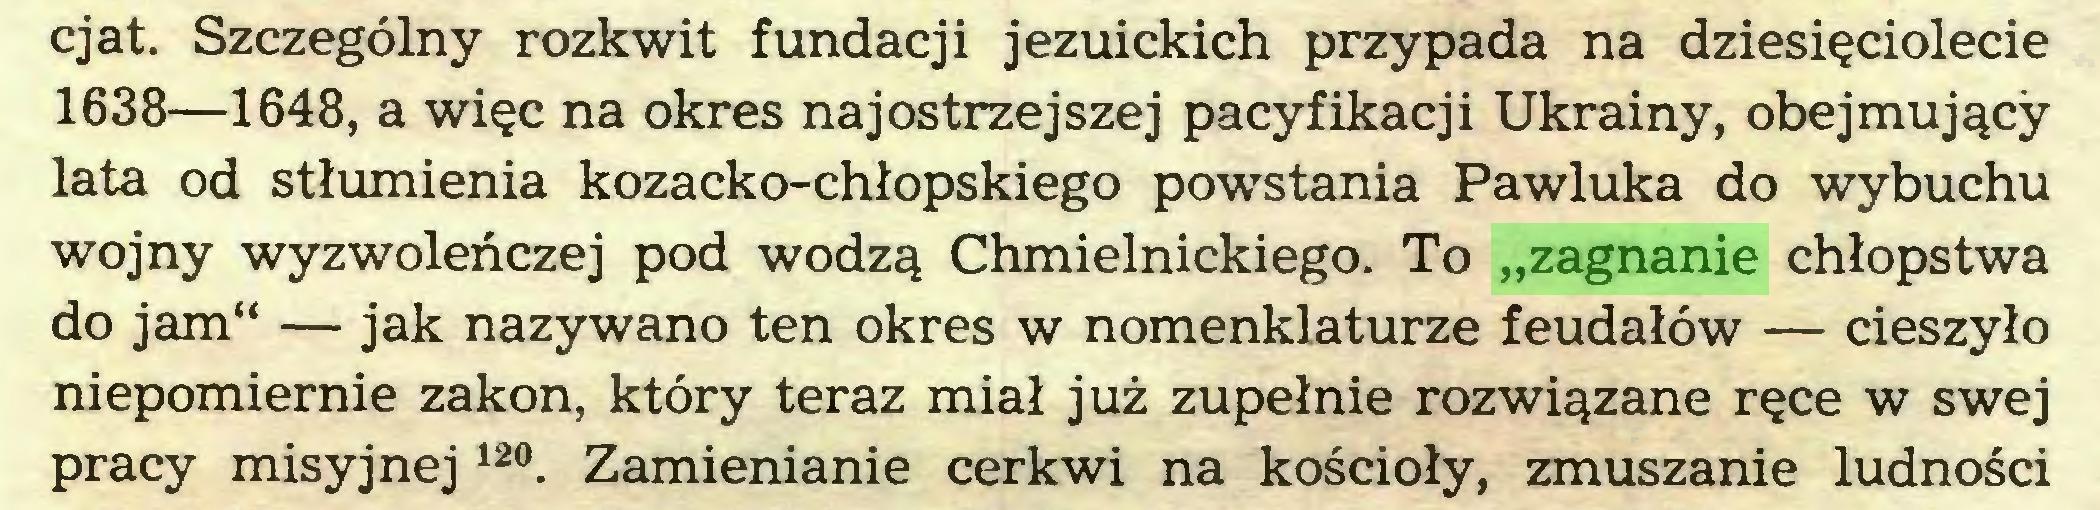 """(...) cjat. Szczególny rozkwit fundacji jezuickich przypada na dziesięciolecie 1638—1648, a więc na okres najostrzejszej pacyfikacji Ukrainy, obejmujący lata od stłumienia kozacko-chłopskiego powstania Pawluka do wybuchu wojny wyzwoleńczej pod wodzą Chmielnickiego. To """"zagnanie chłopstwa do jam"""" — jak nazywano ten okres w nomenklaturze feudałów — cieszyło niepomiernie zakon, który teraz miał już zupełnie rozwiązane ręce w swej pracy misyjnej 12°. Zamienianie cerkwi na kościoły, zmuszanie ludności..."""